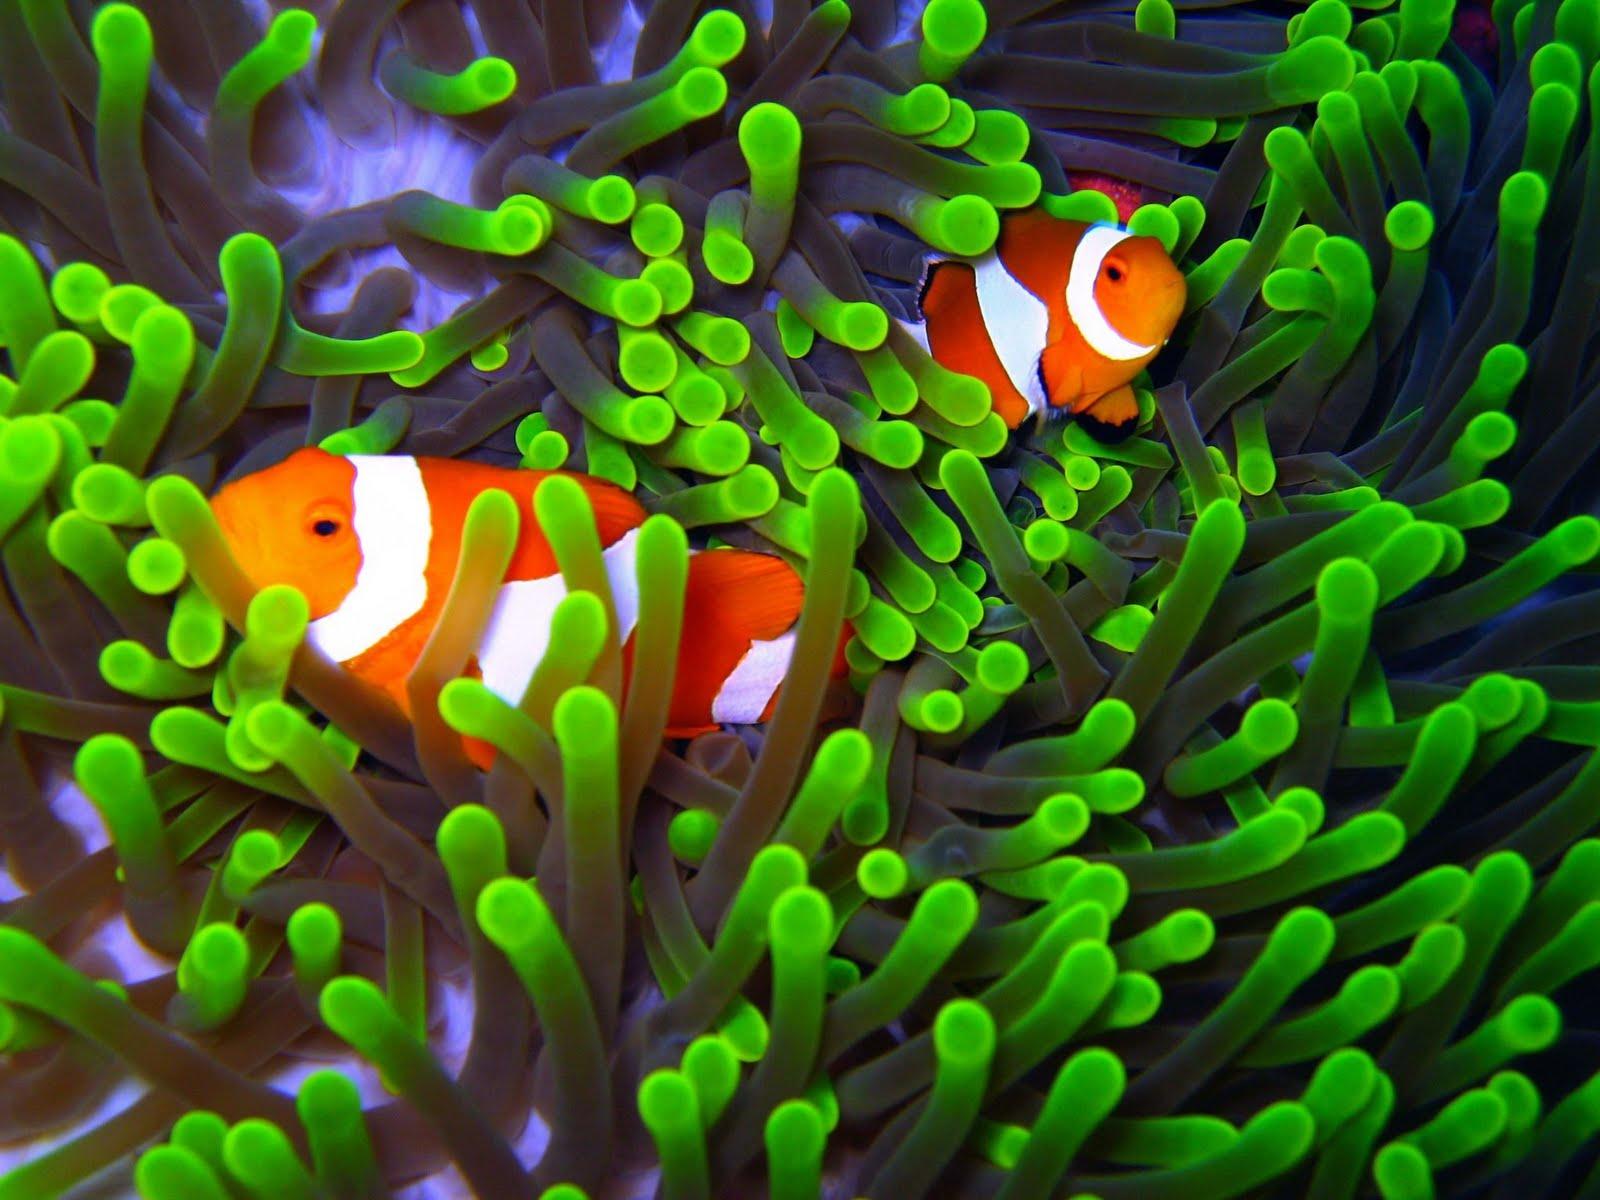 Wakatobi National Park and Diving Resort is Most Beautiful Scenery in the world, Wakatobi National Park and Diving Resort are Most Beautiful Scenery in the world